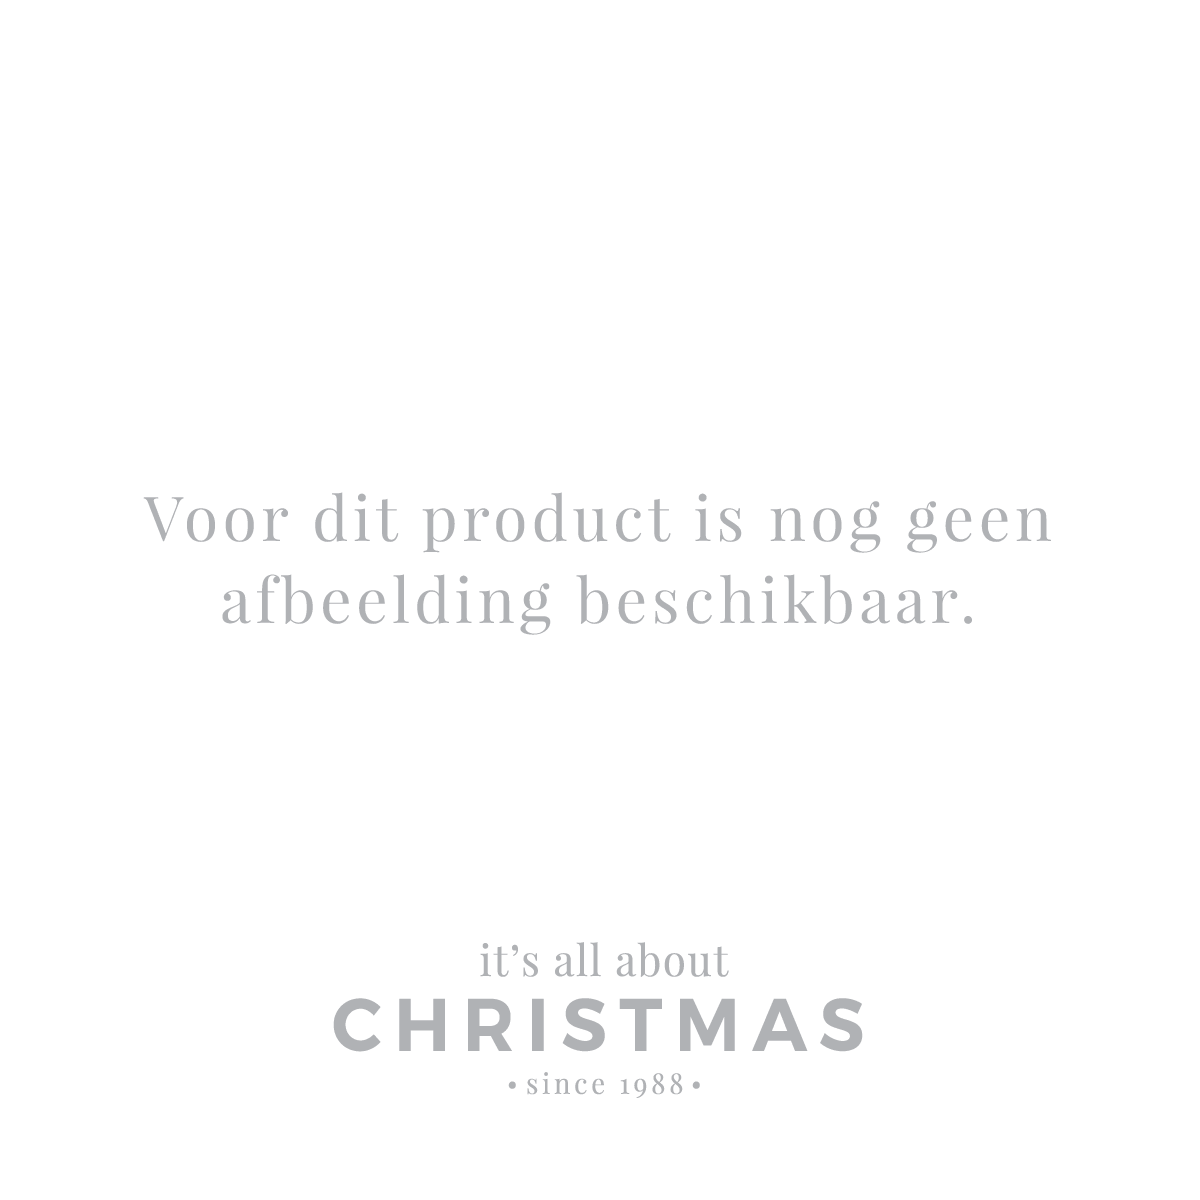 Glitter Weihnachtsschleifen 15cm weiß 2 Stk.